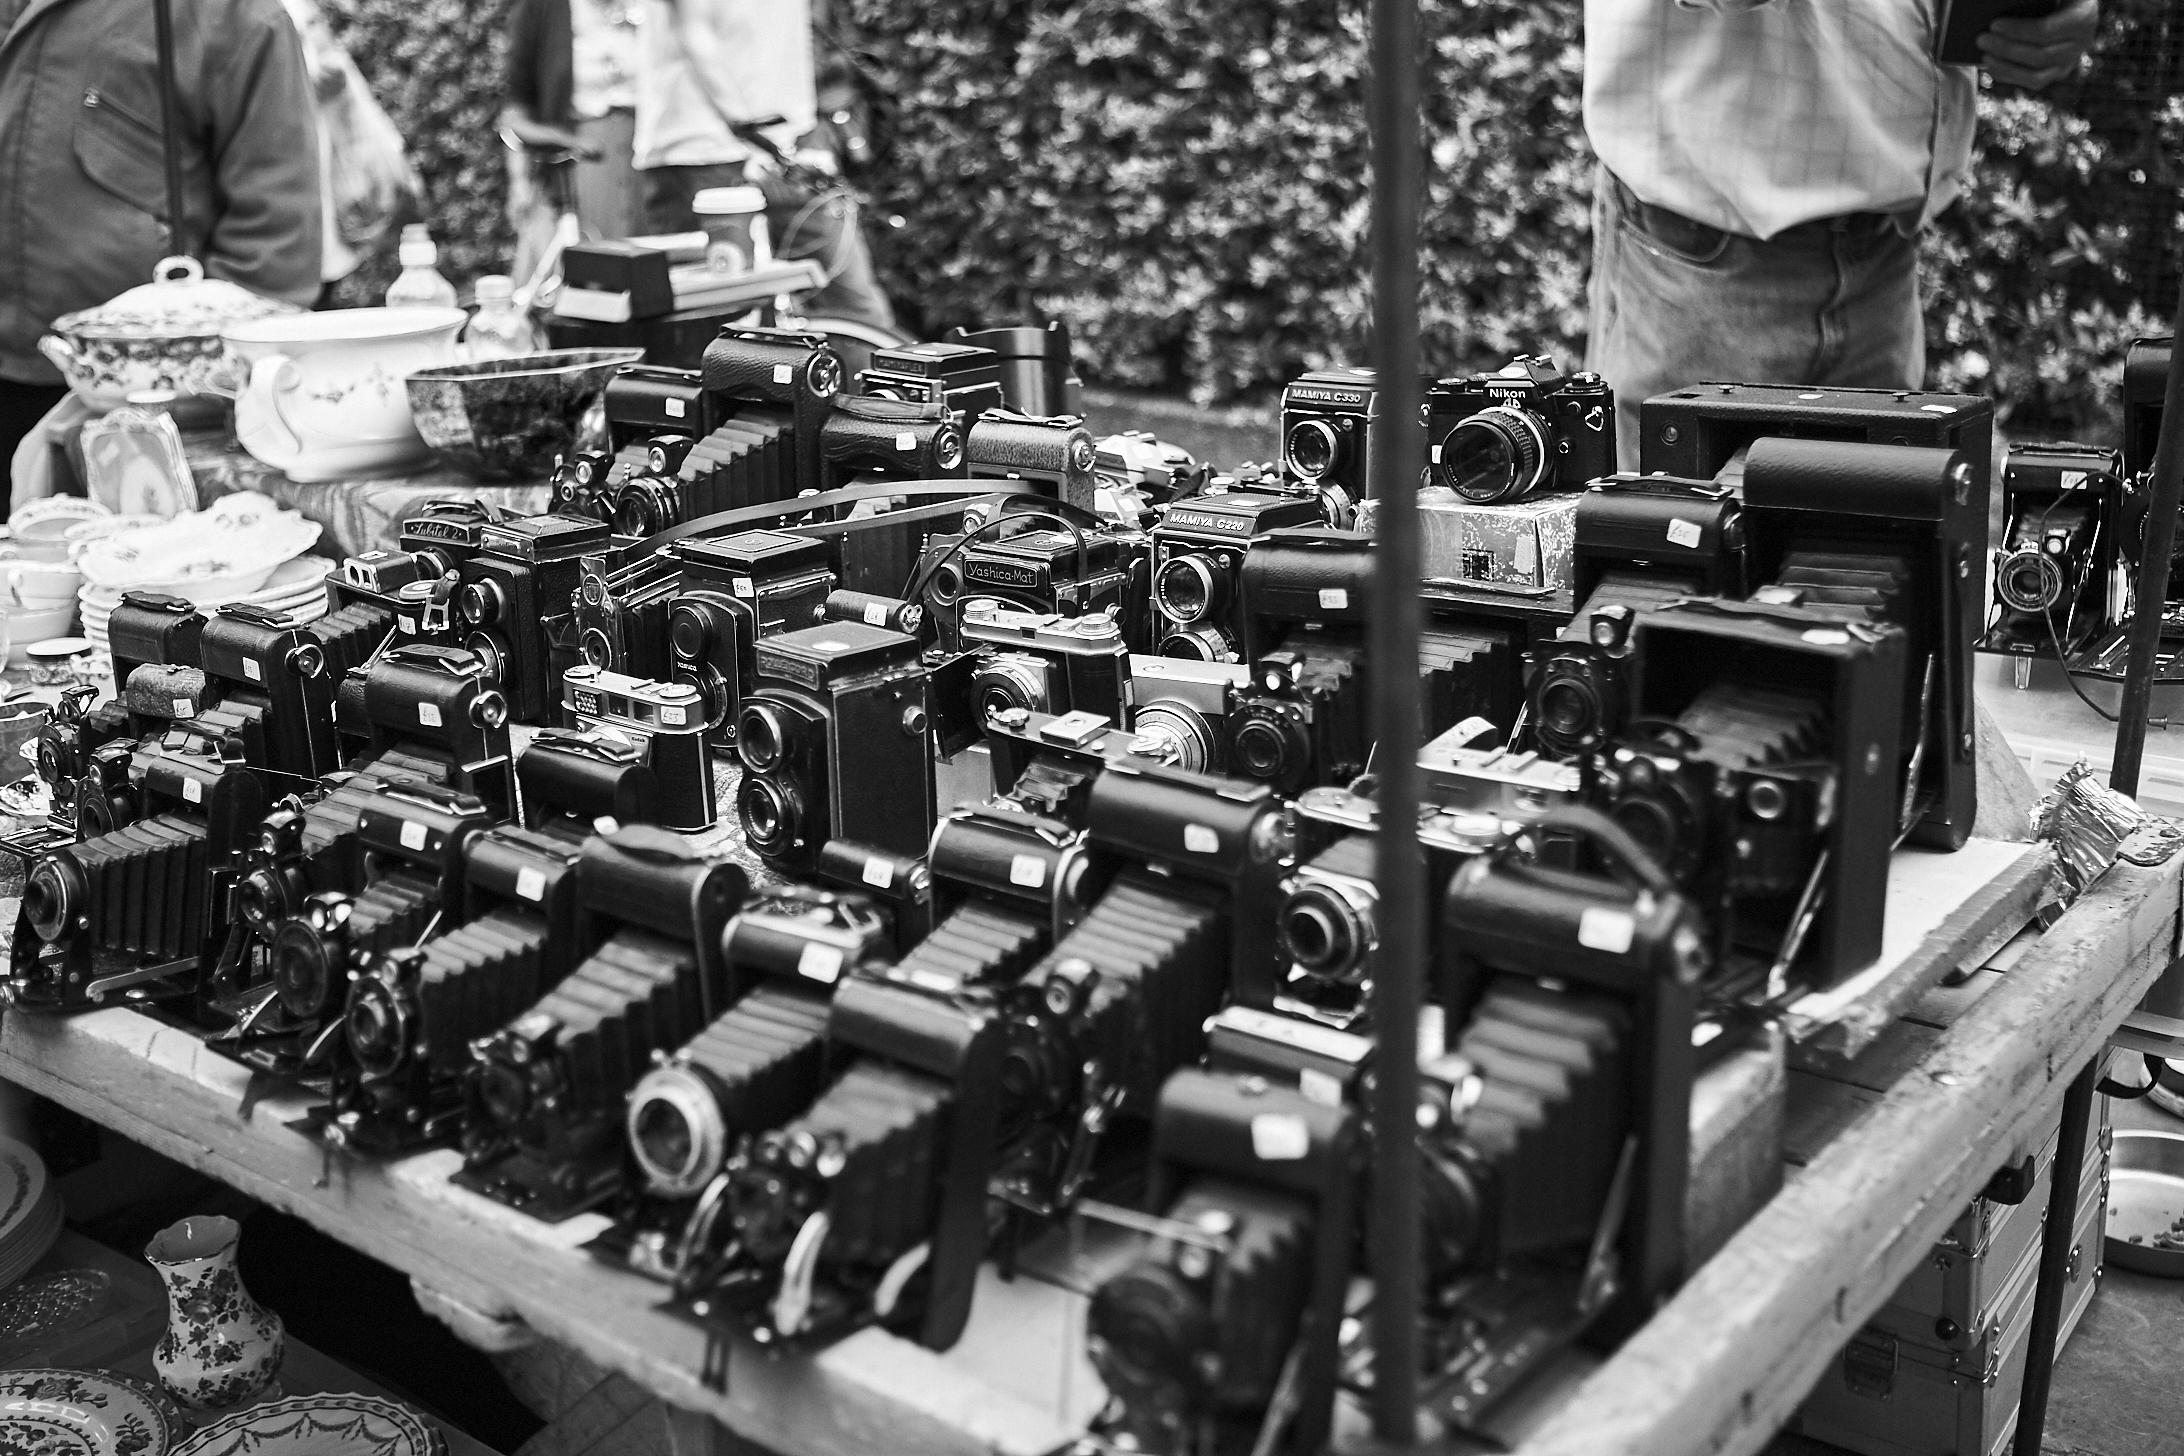 cameras_IMG_0482_May 31 2008.jpg